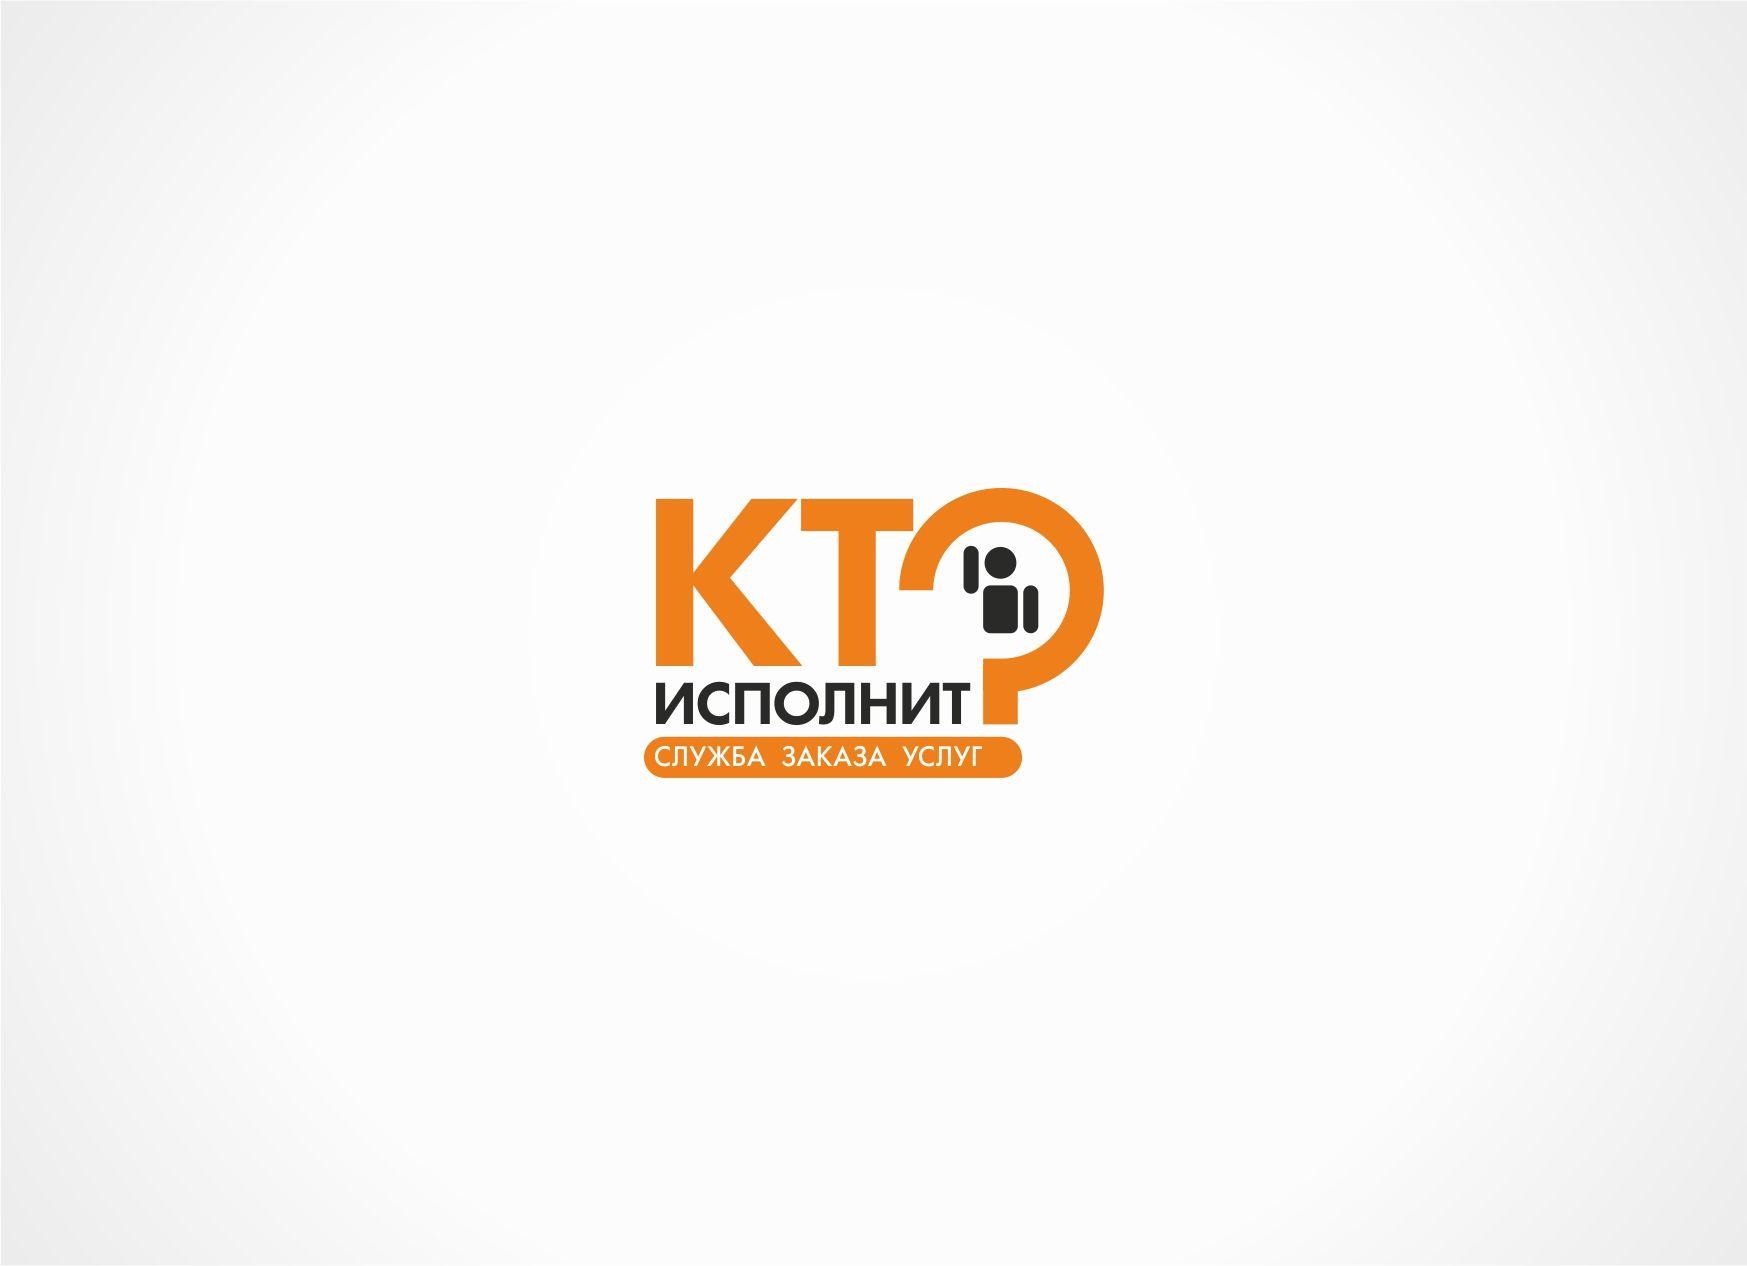 Логотип для службы заказов